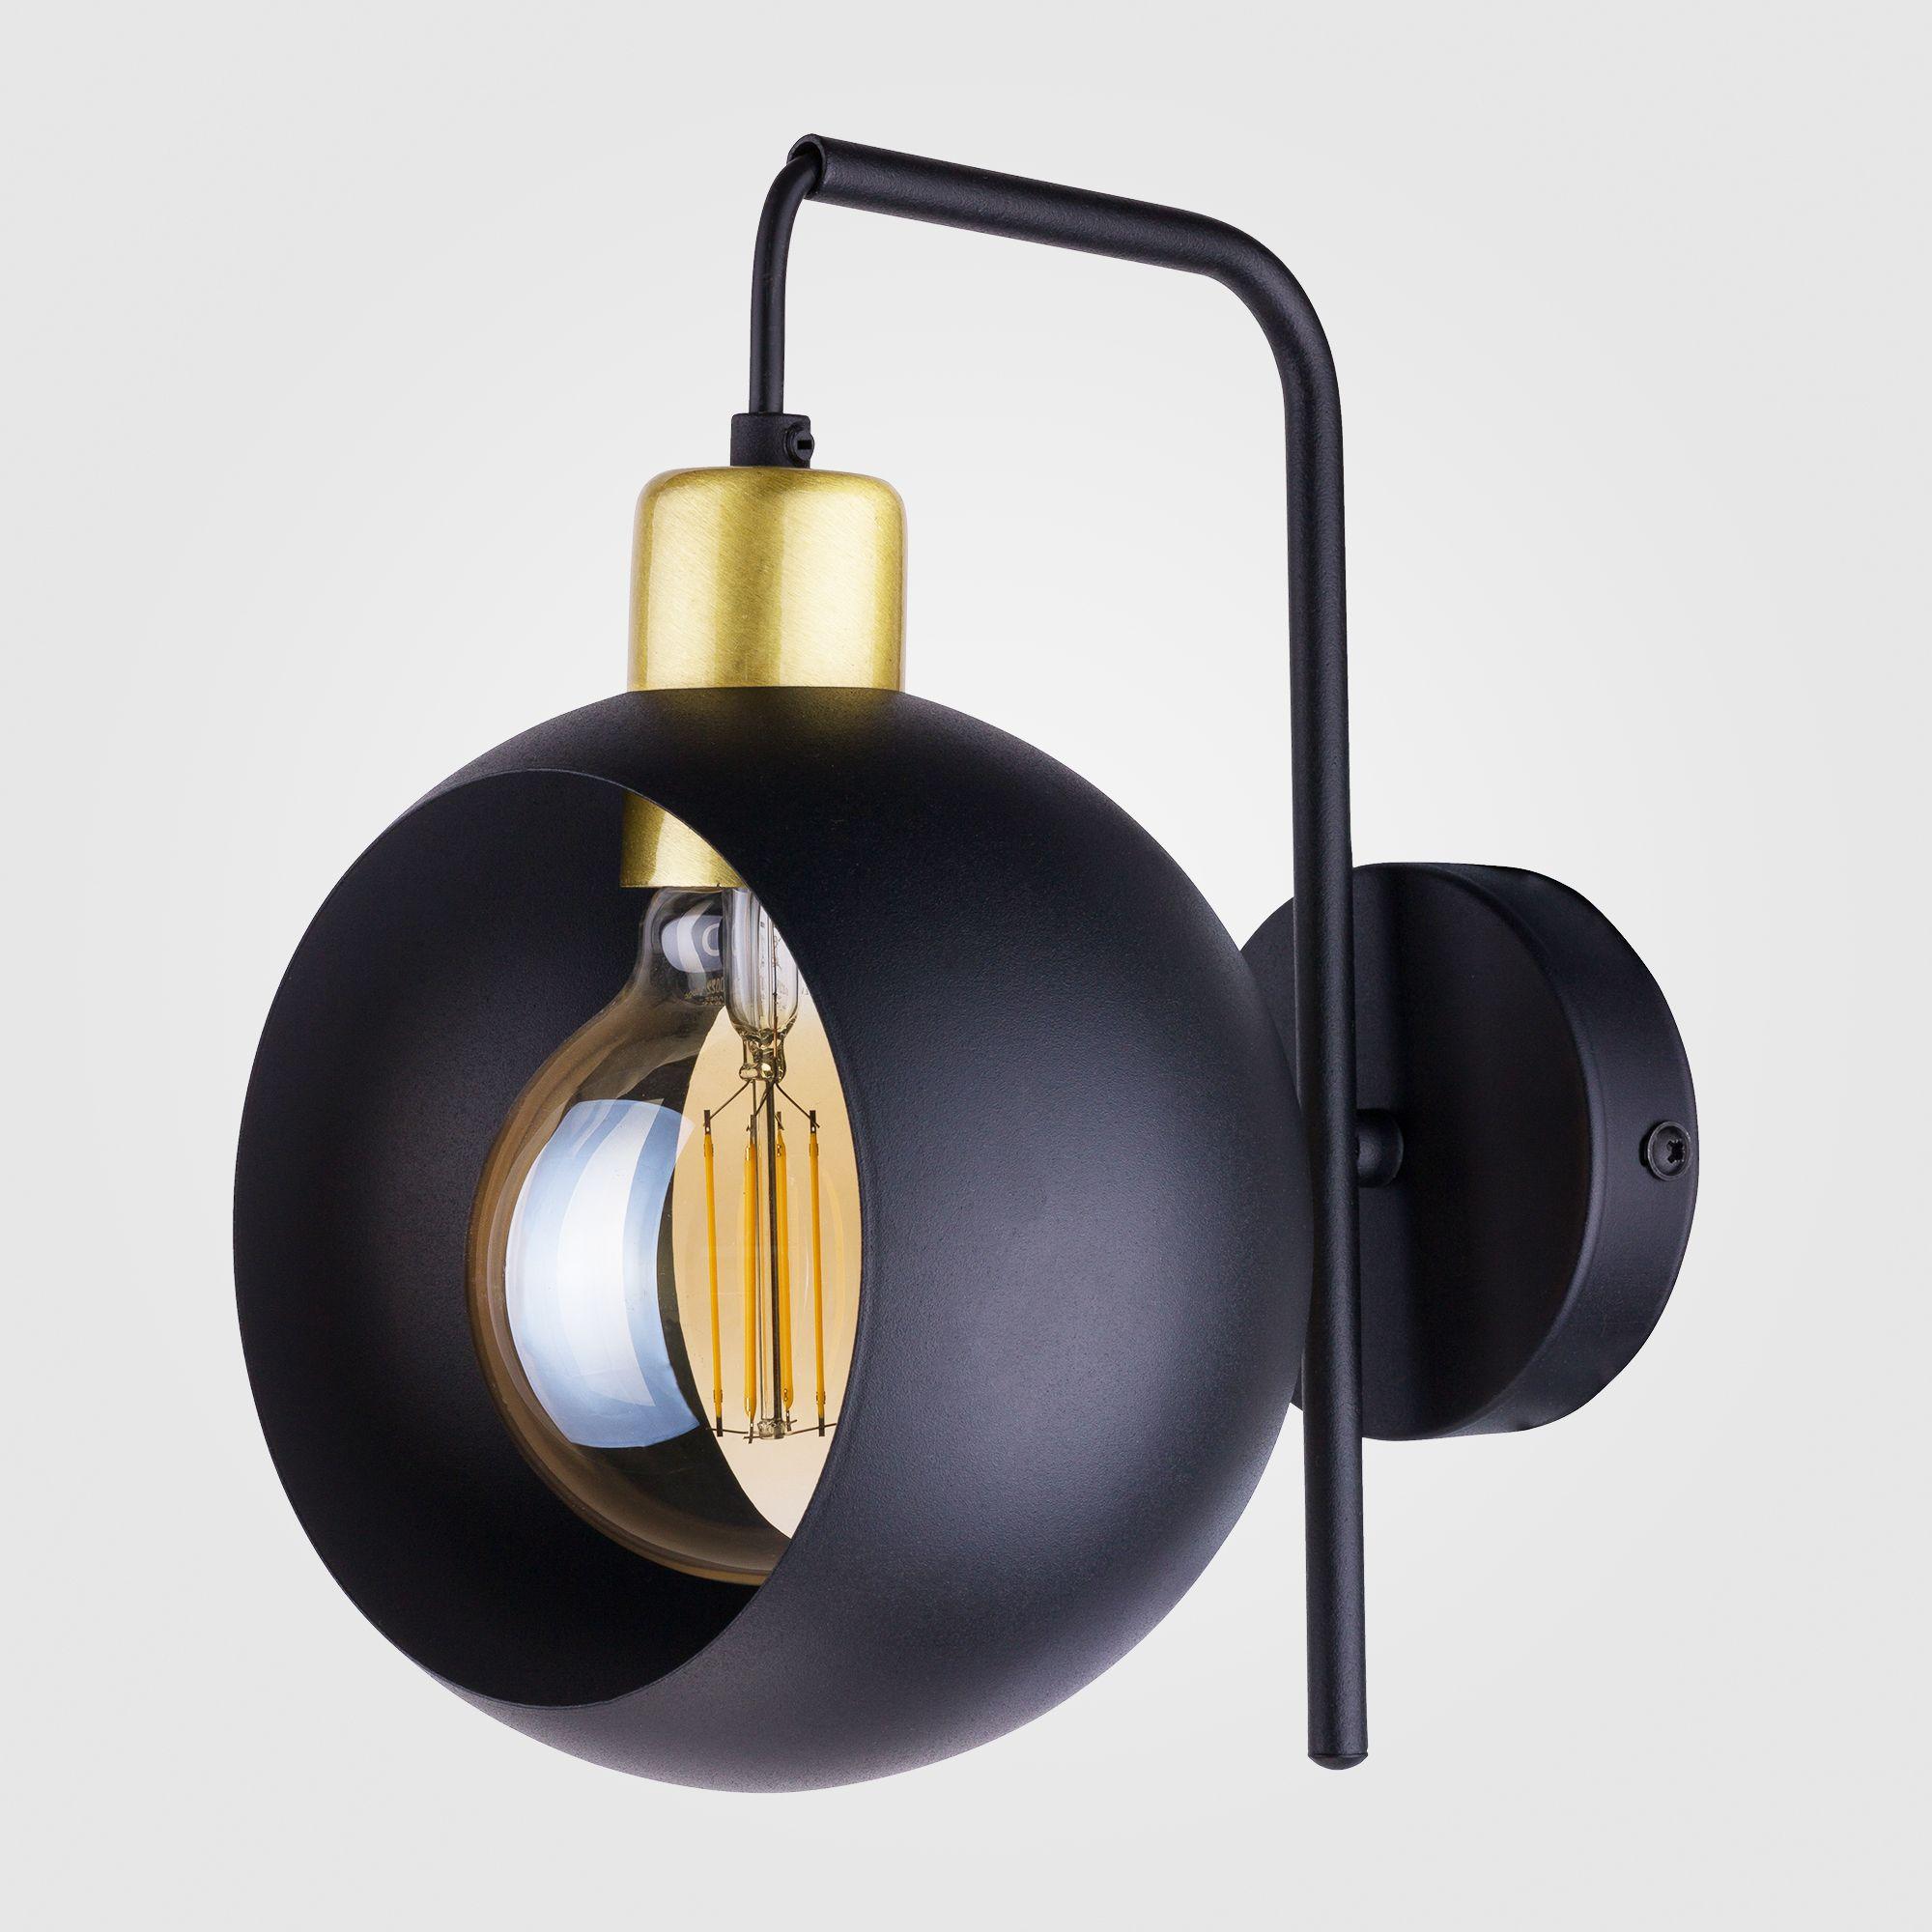 Настенный светильник 2750 Cyklop black